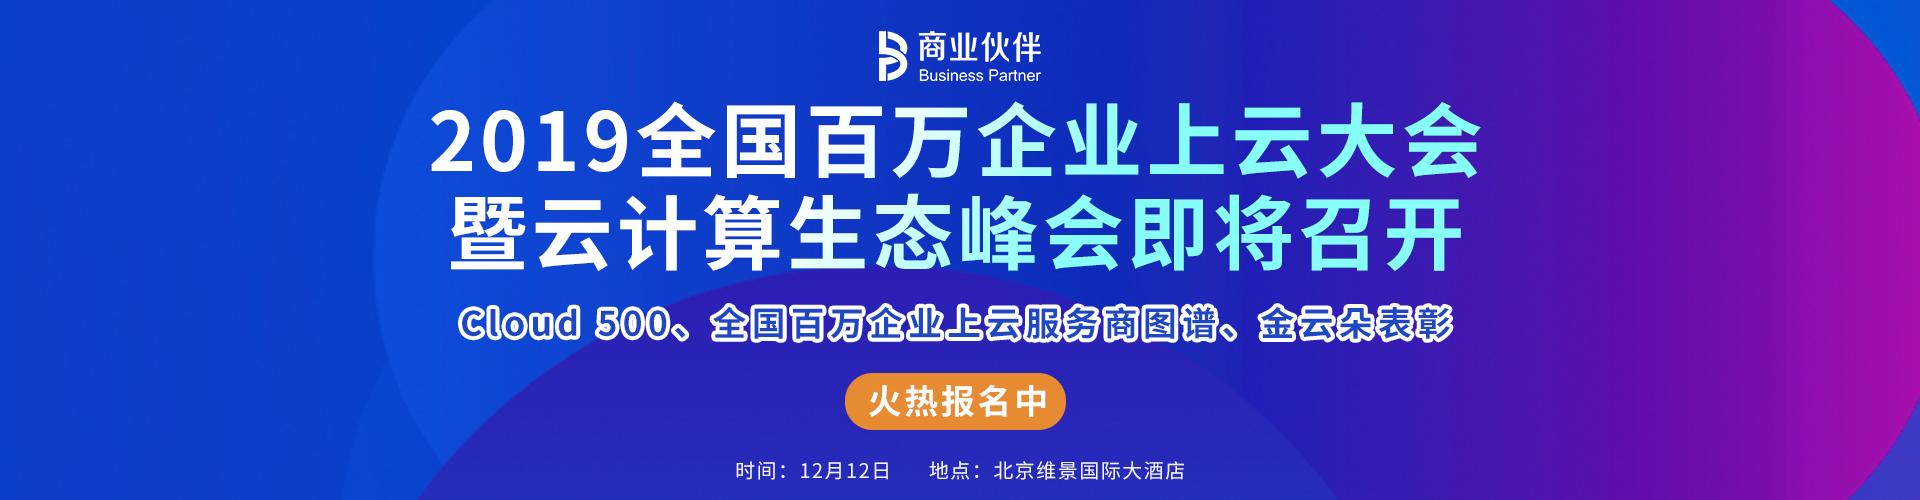 2019全国百万企业上云年会暨Cloud 500云生态峰会